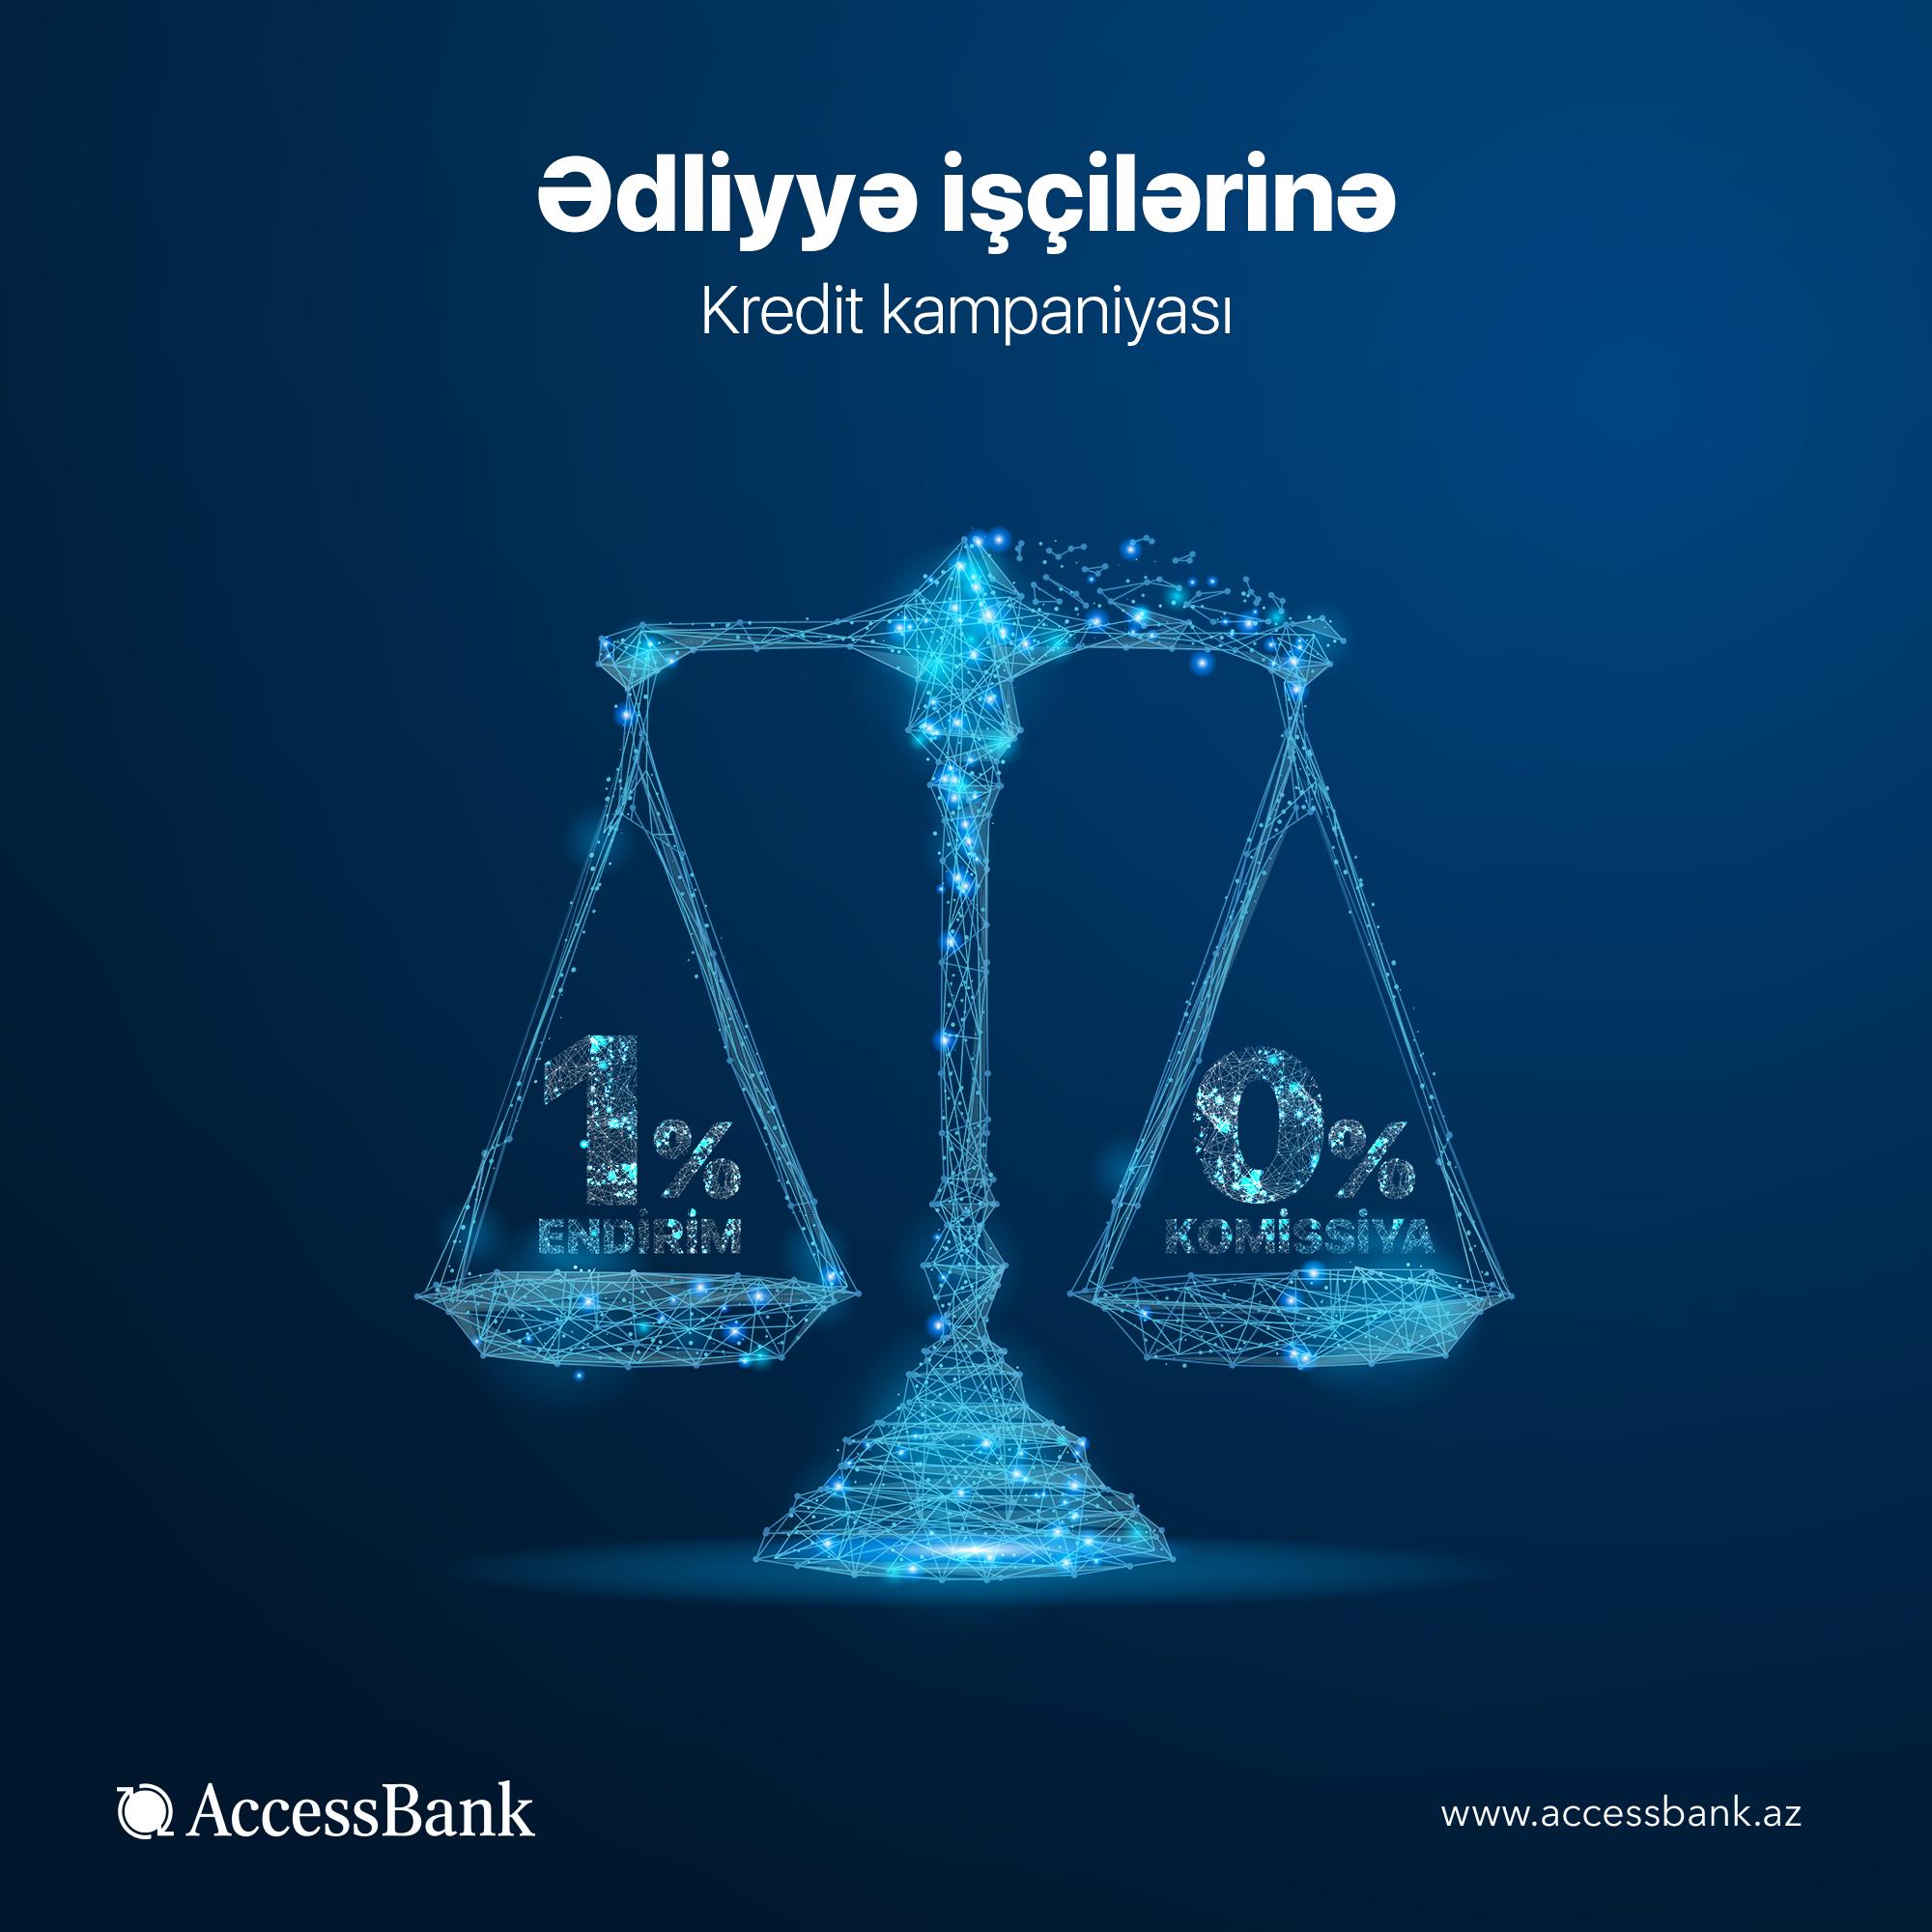 AccessBank-dan ədliyyə işçilərinə xüsusi təklif!